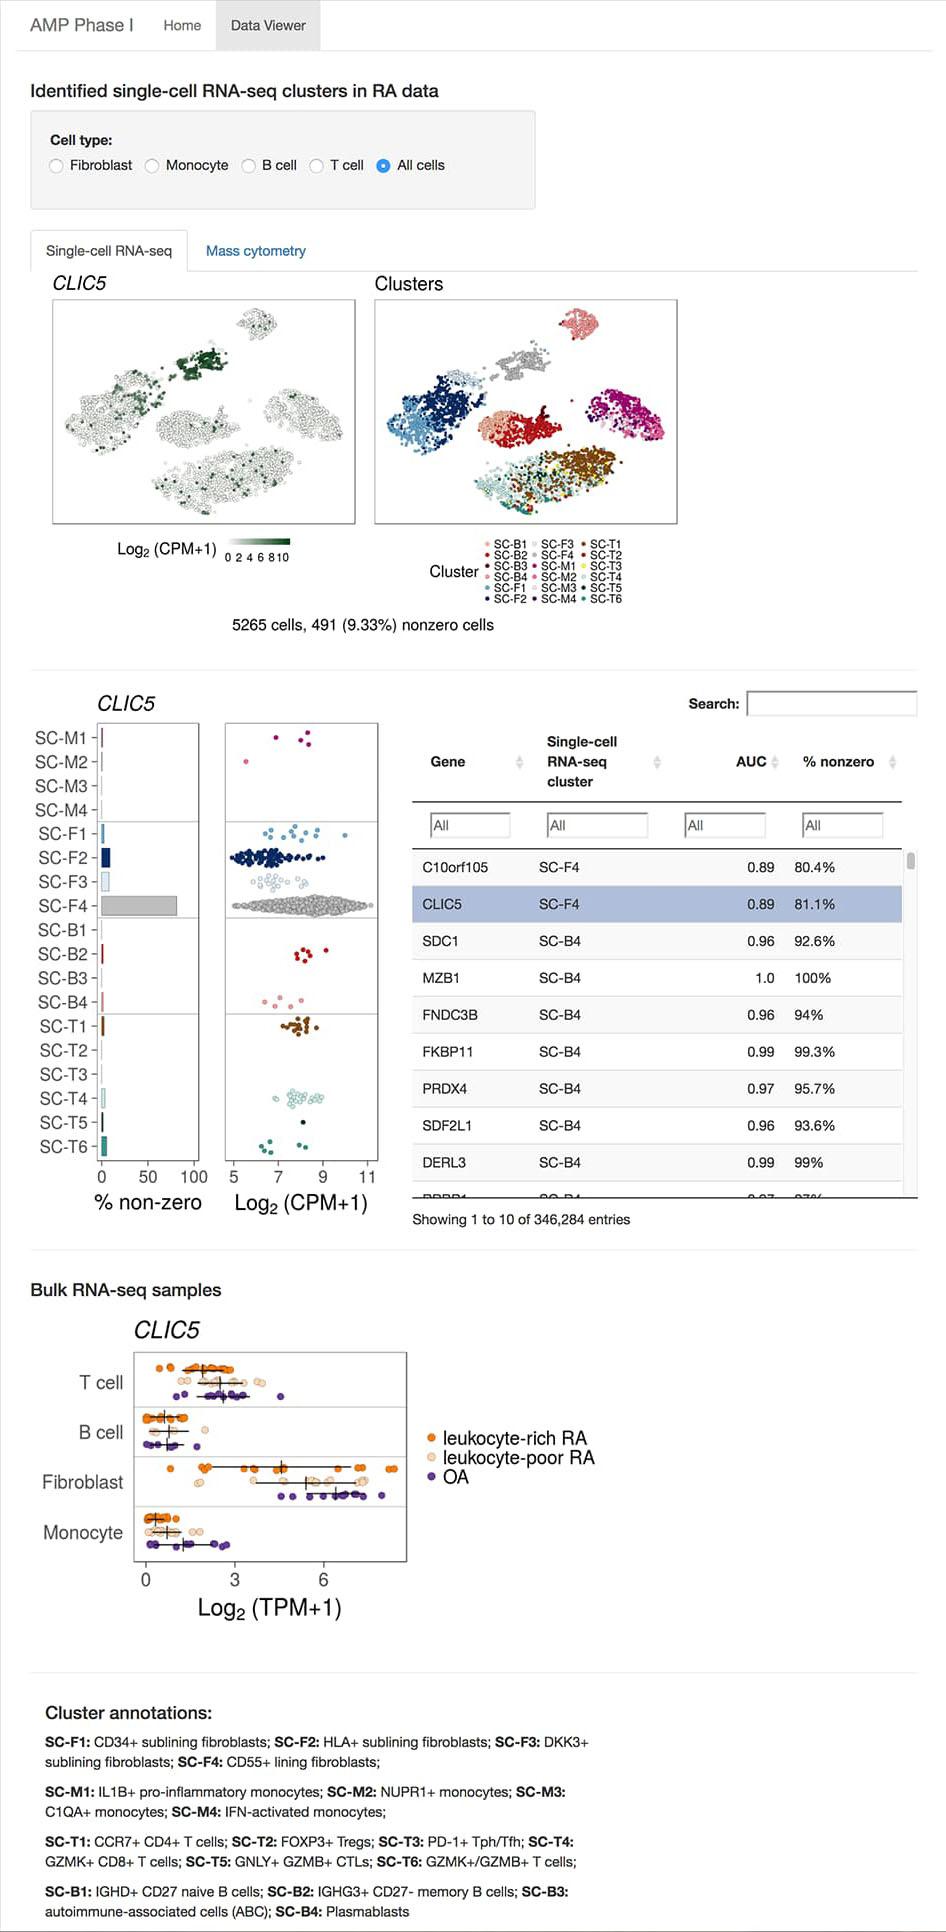 immunogenomics.io/ampra